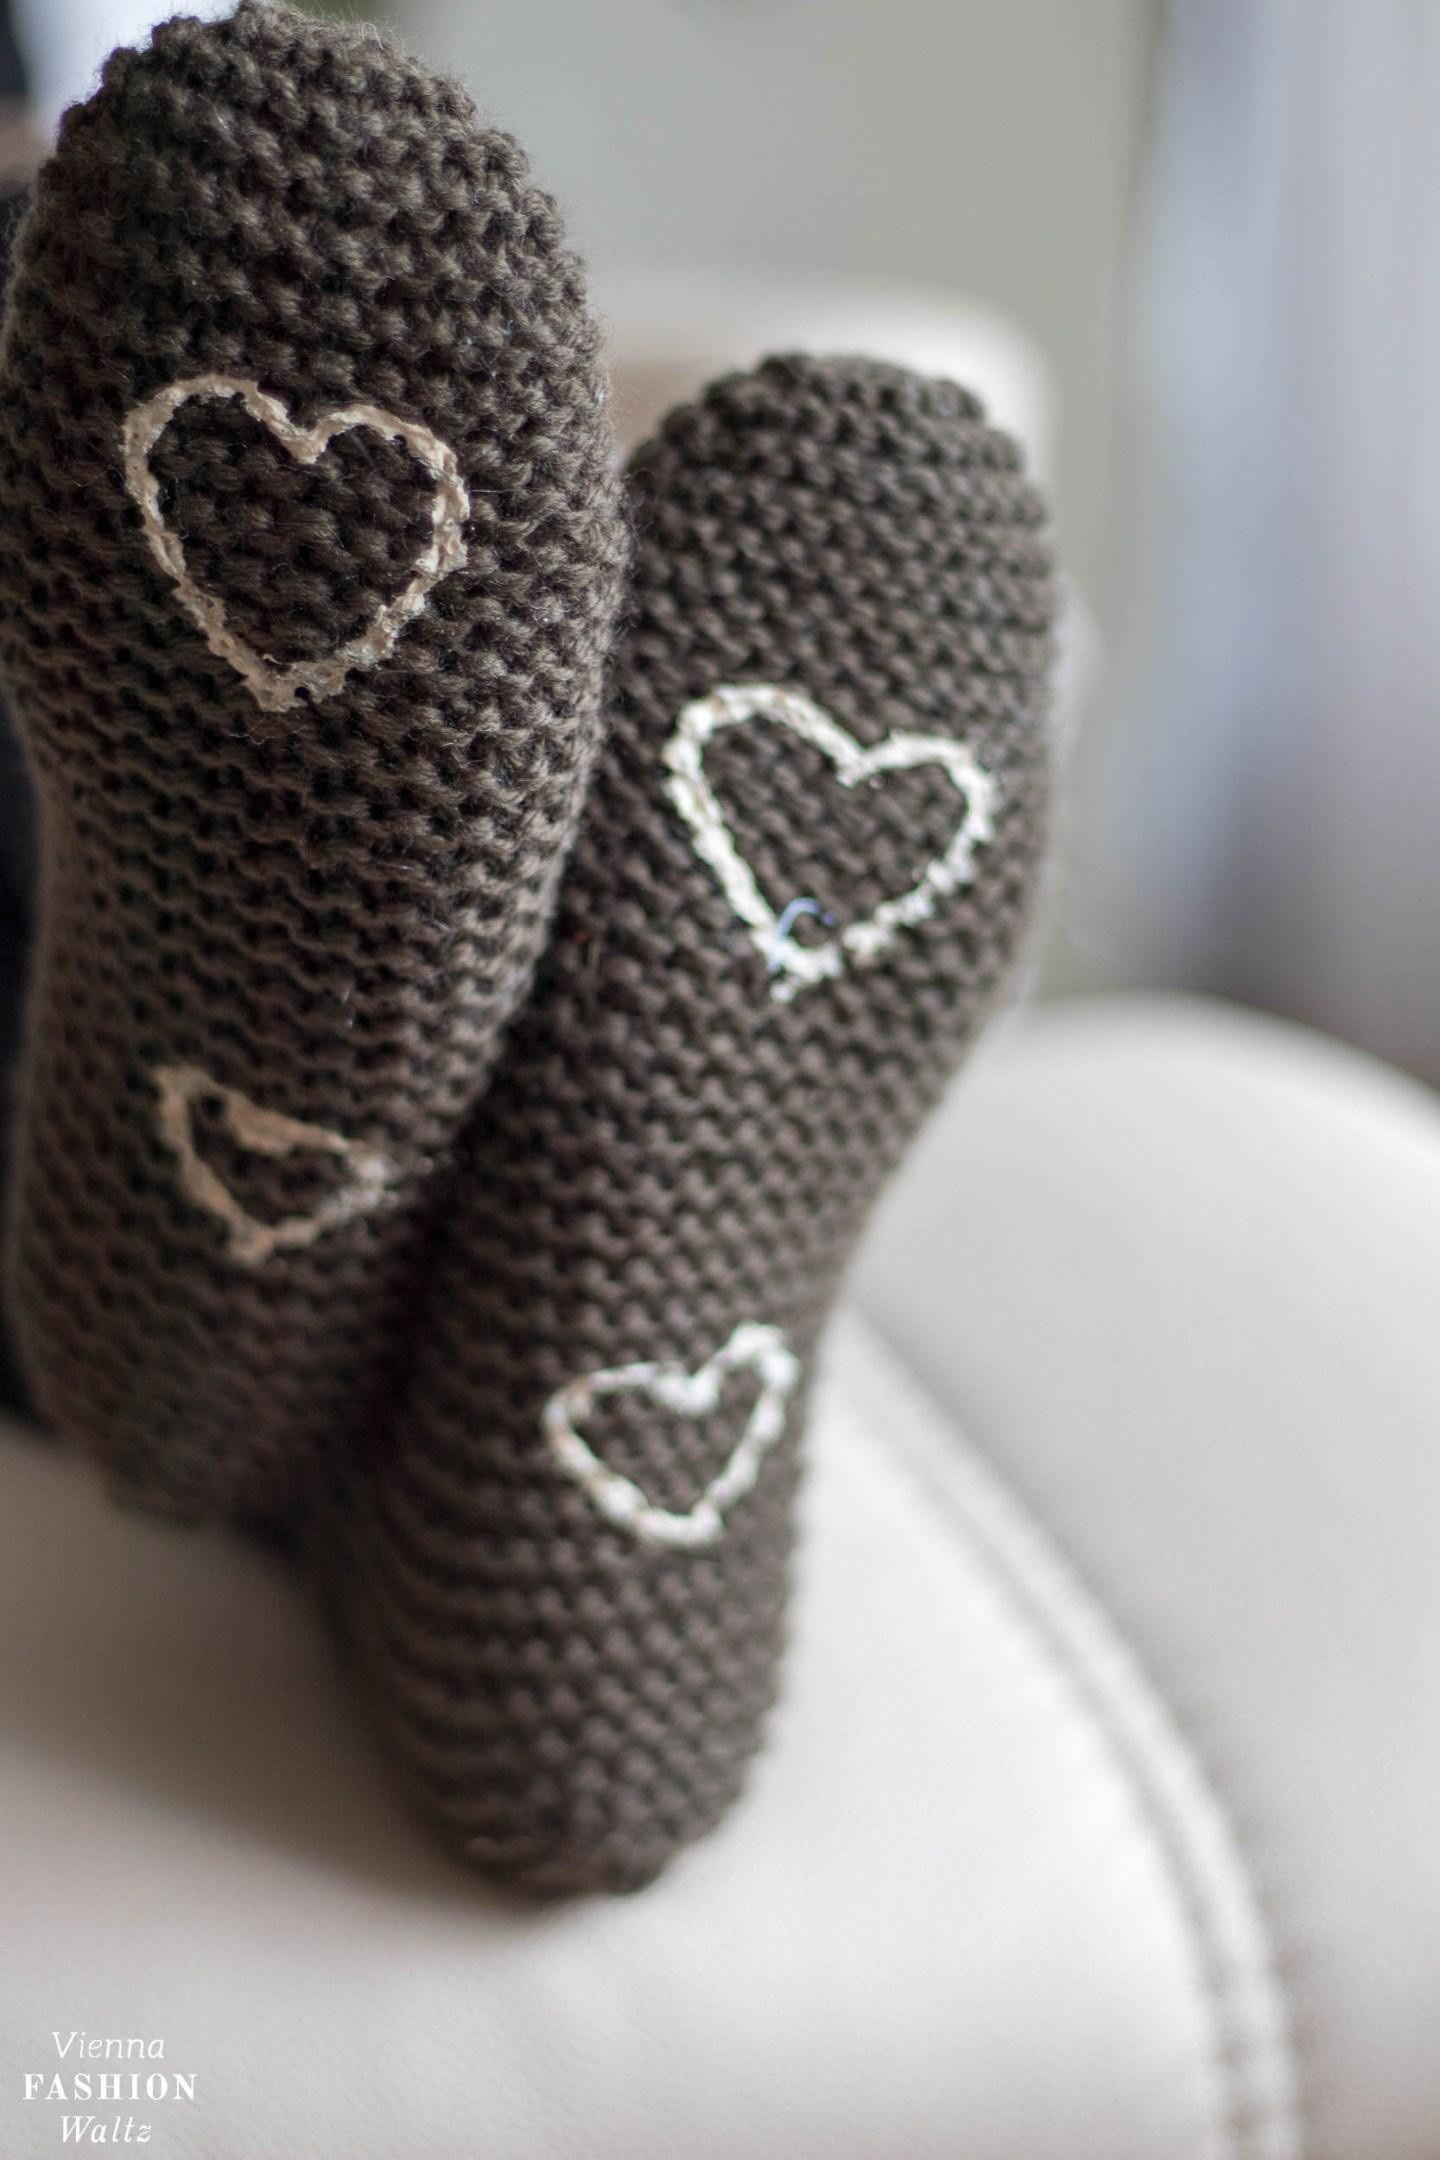 Haussschuhe stricken, Anleitung